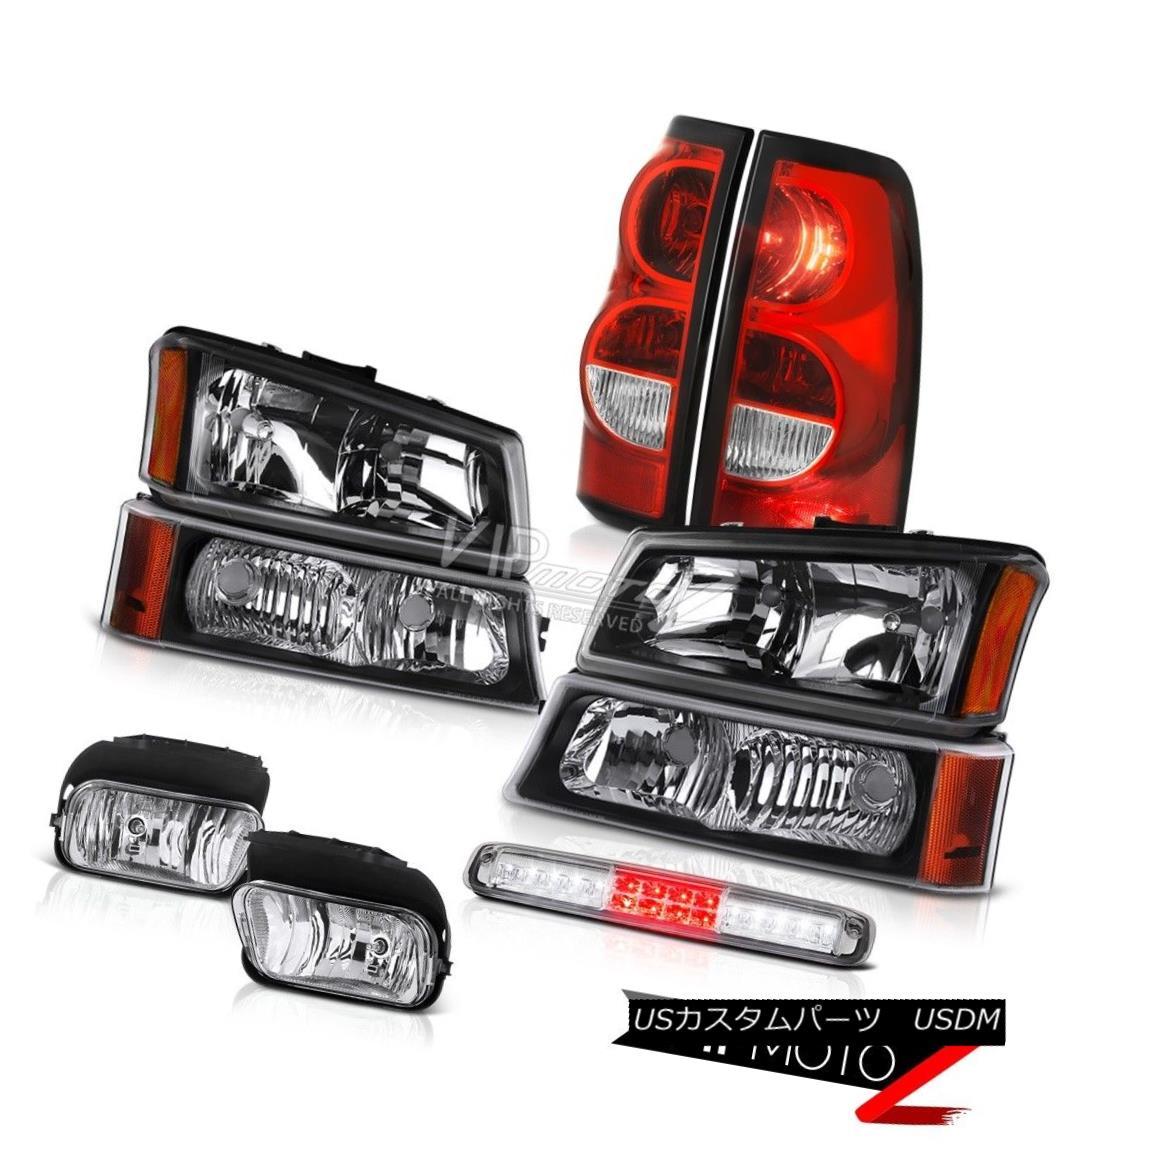 ヘッドライト 03-06 Silverado Chrome Roof Cab Lamp Fog Lamps Taillamps Turn Signal Headlights 03-06シルバラードクロームルーフキャブランプフォグランプタイルランプターンシグナルヘッドライト